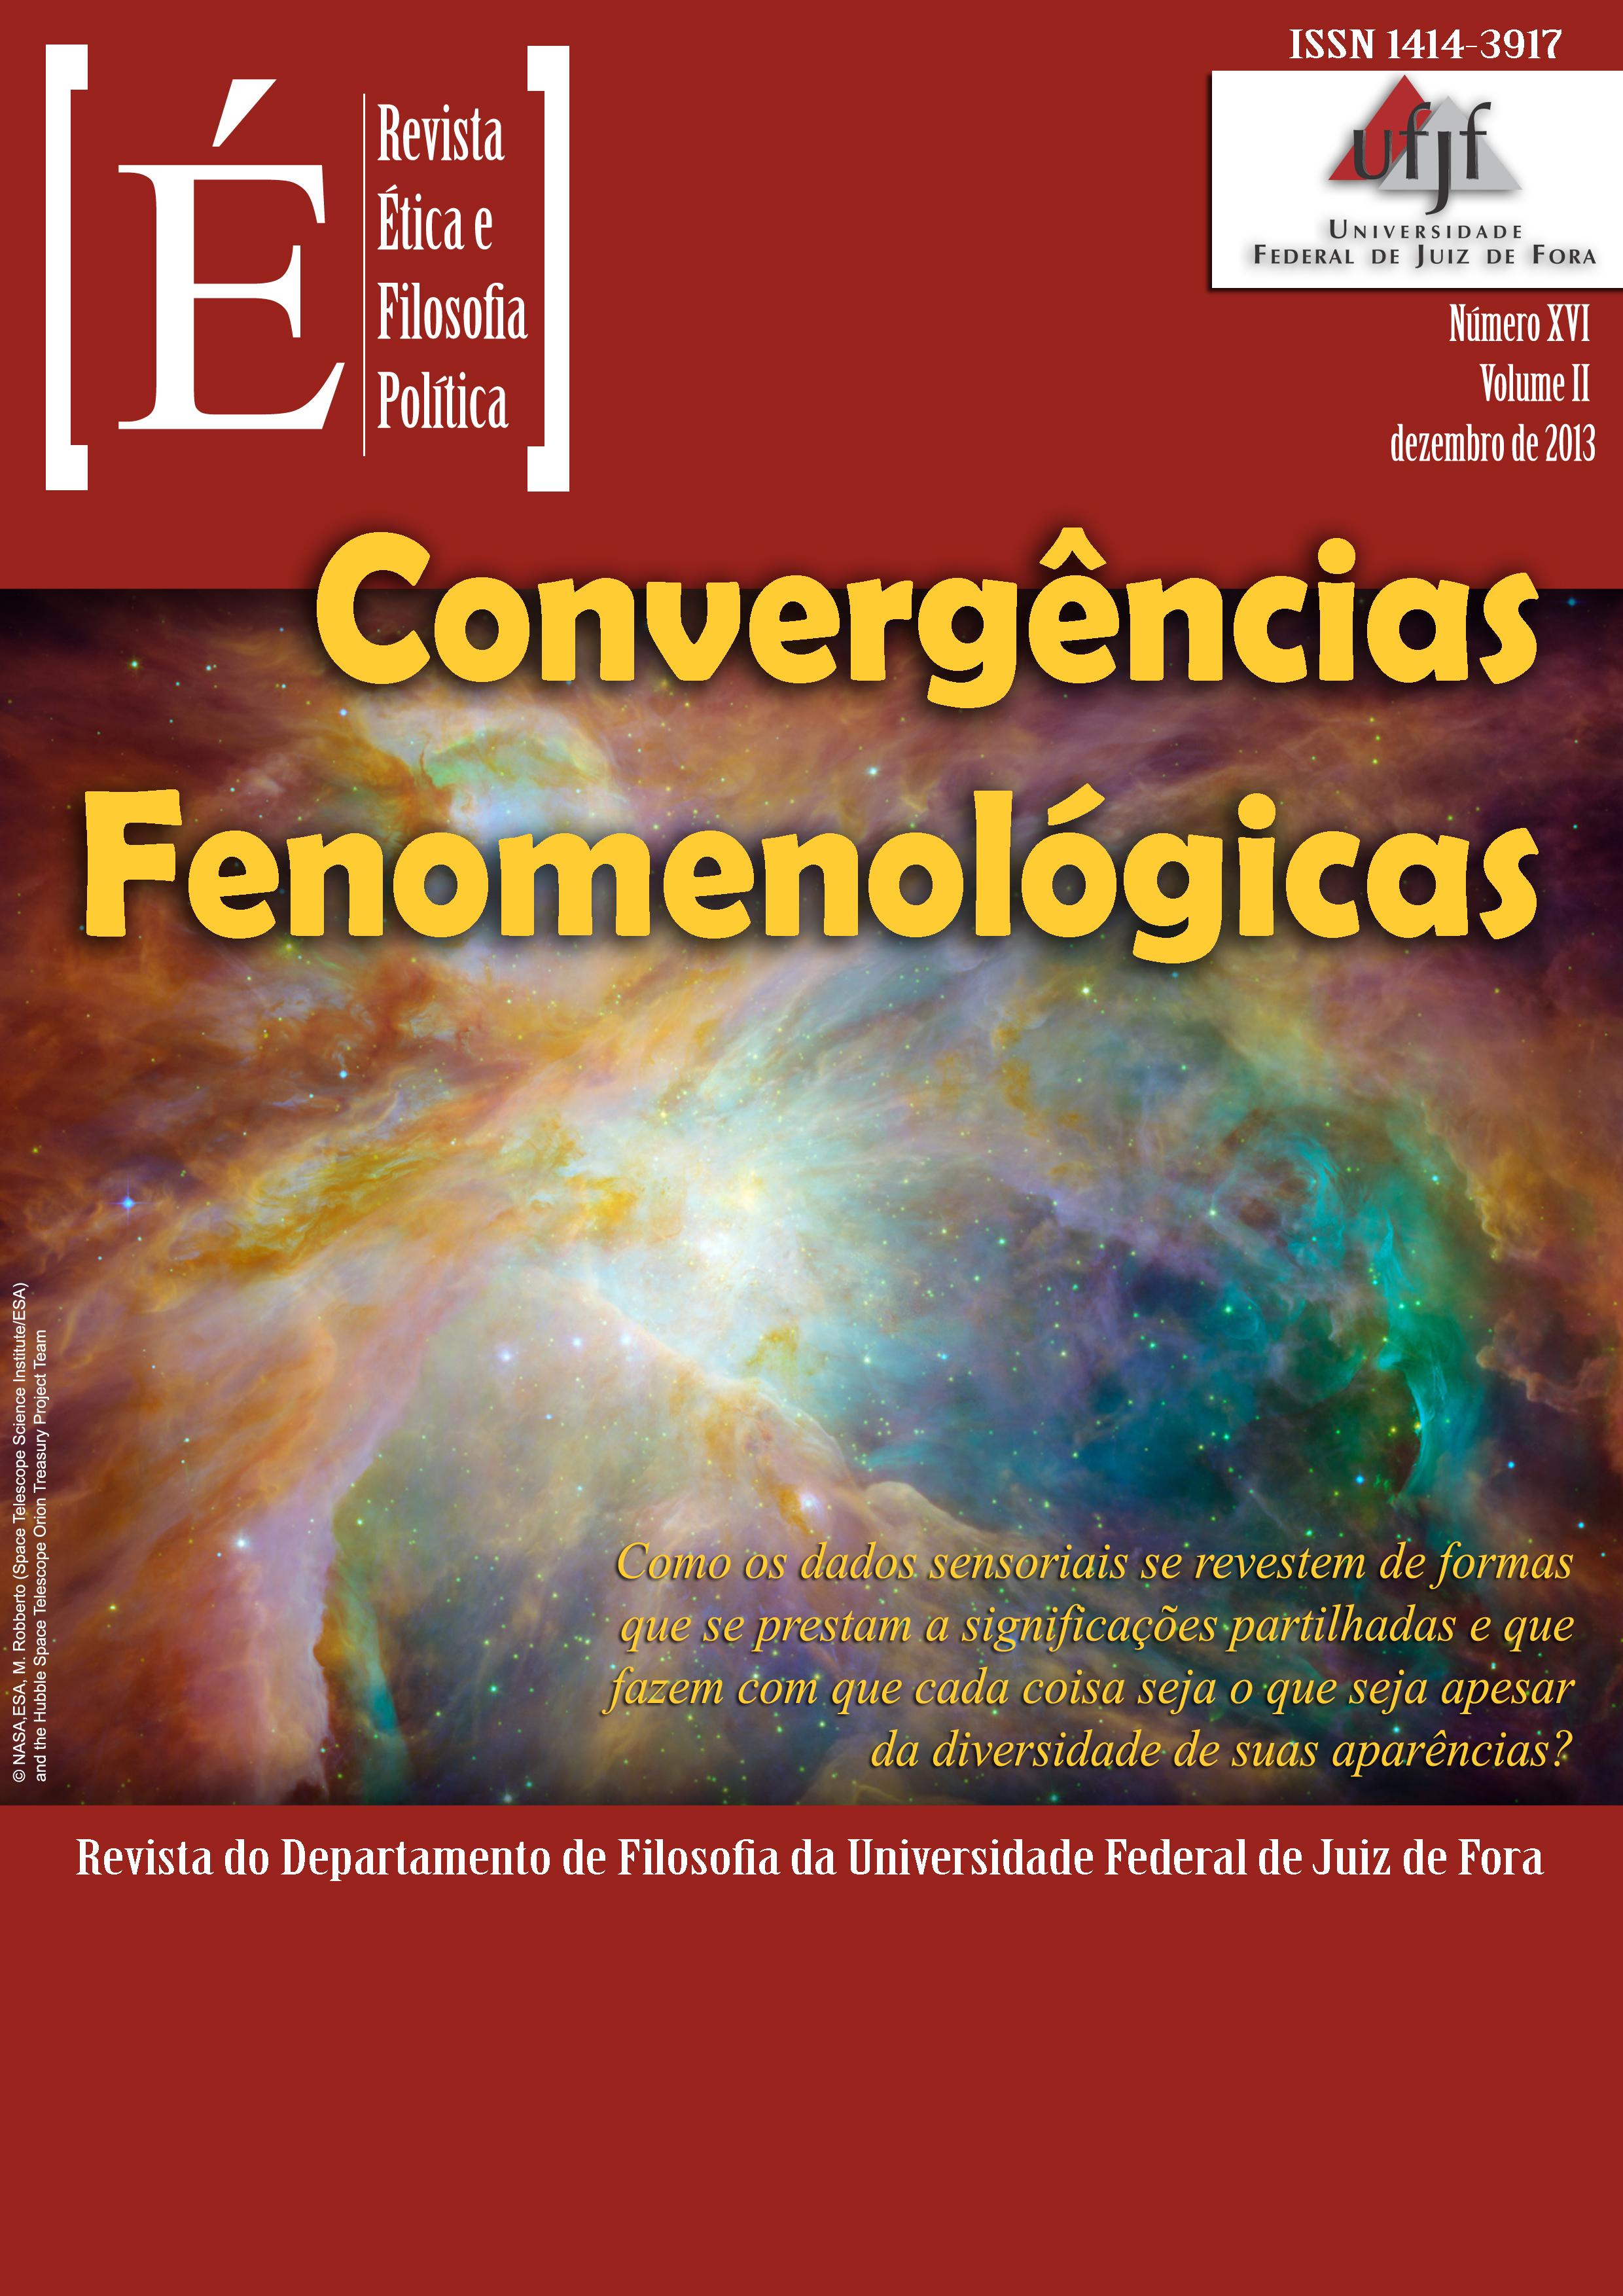 Visualizar v. 2 n. 16 (2013): Convergências Fenomenológicas